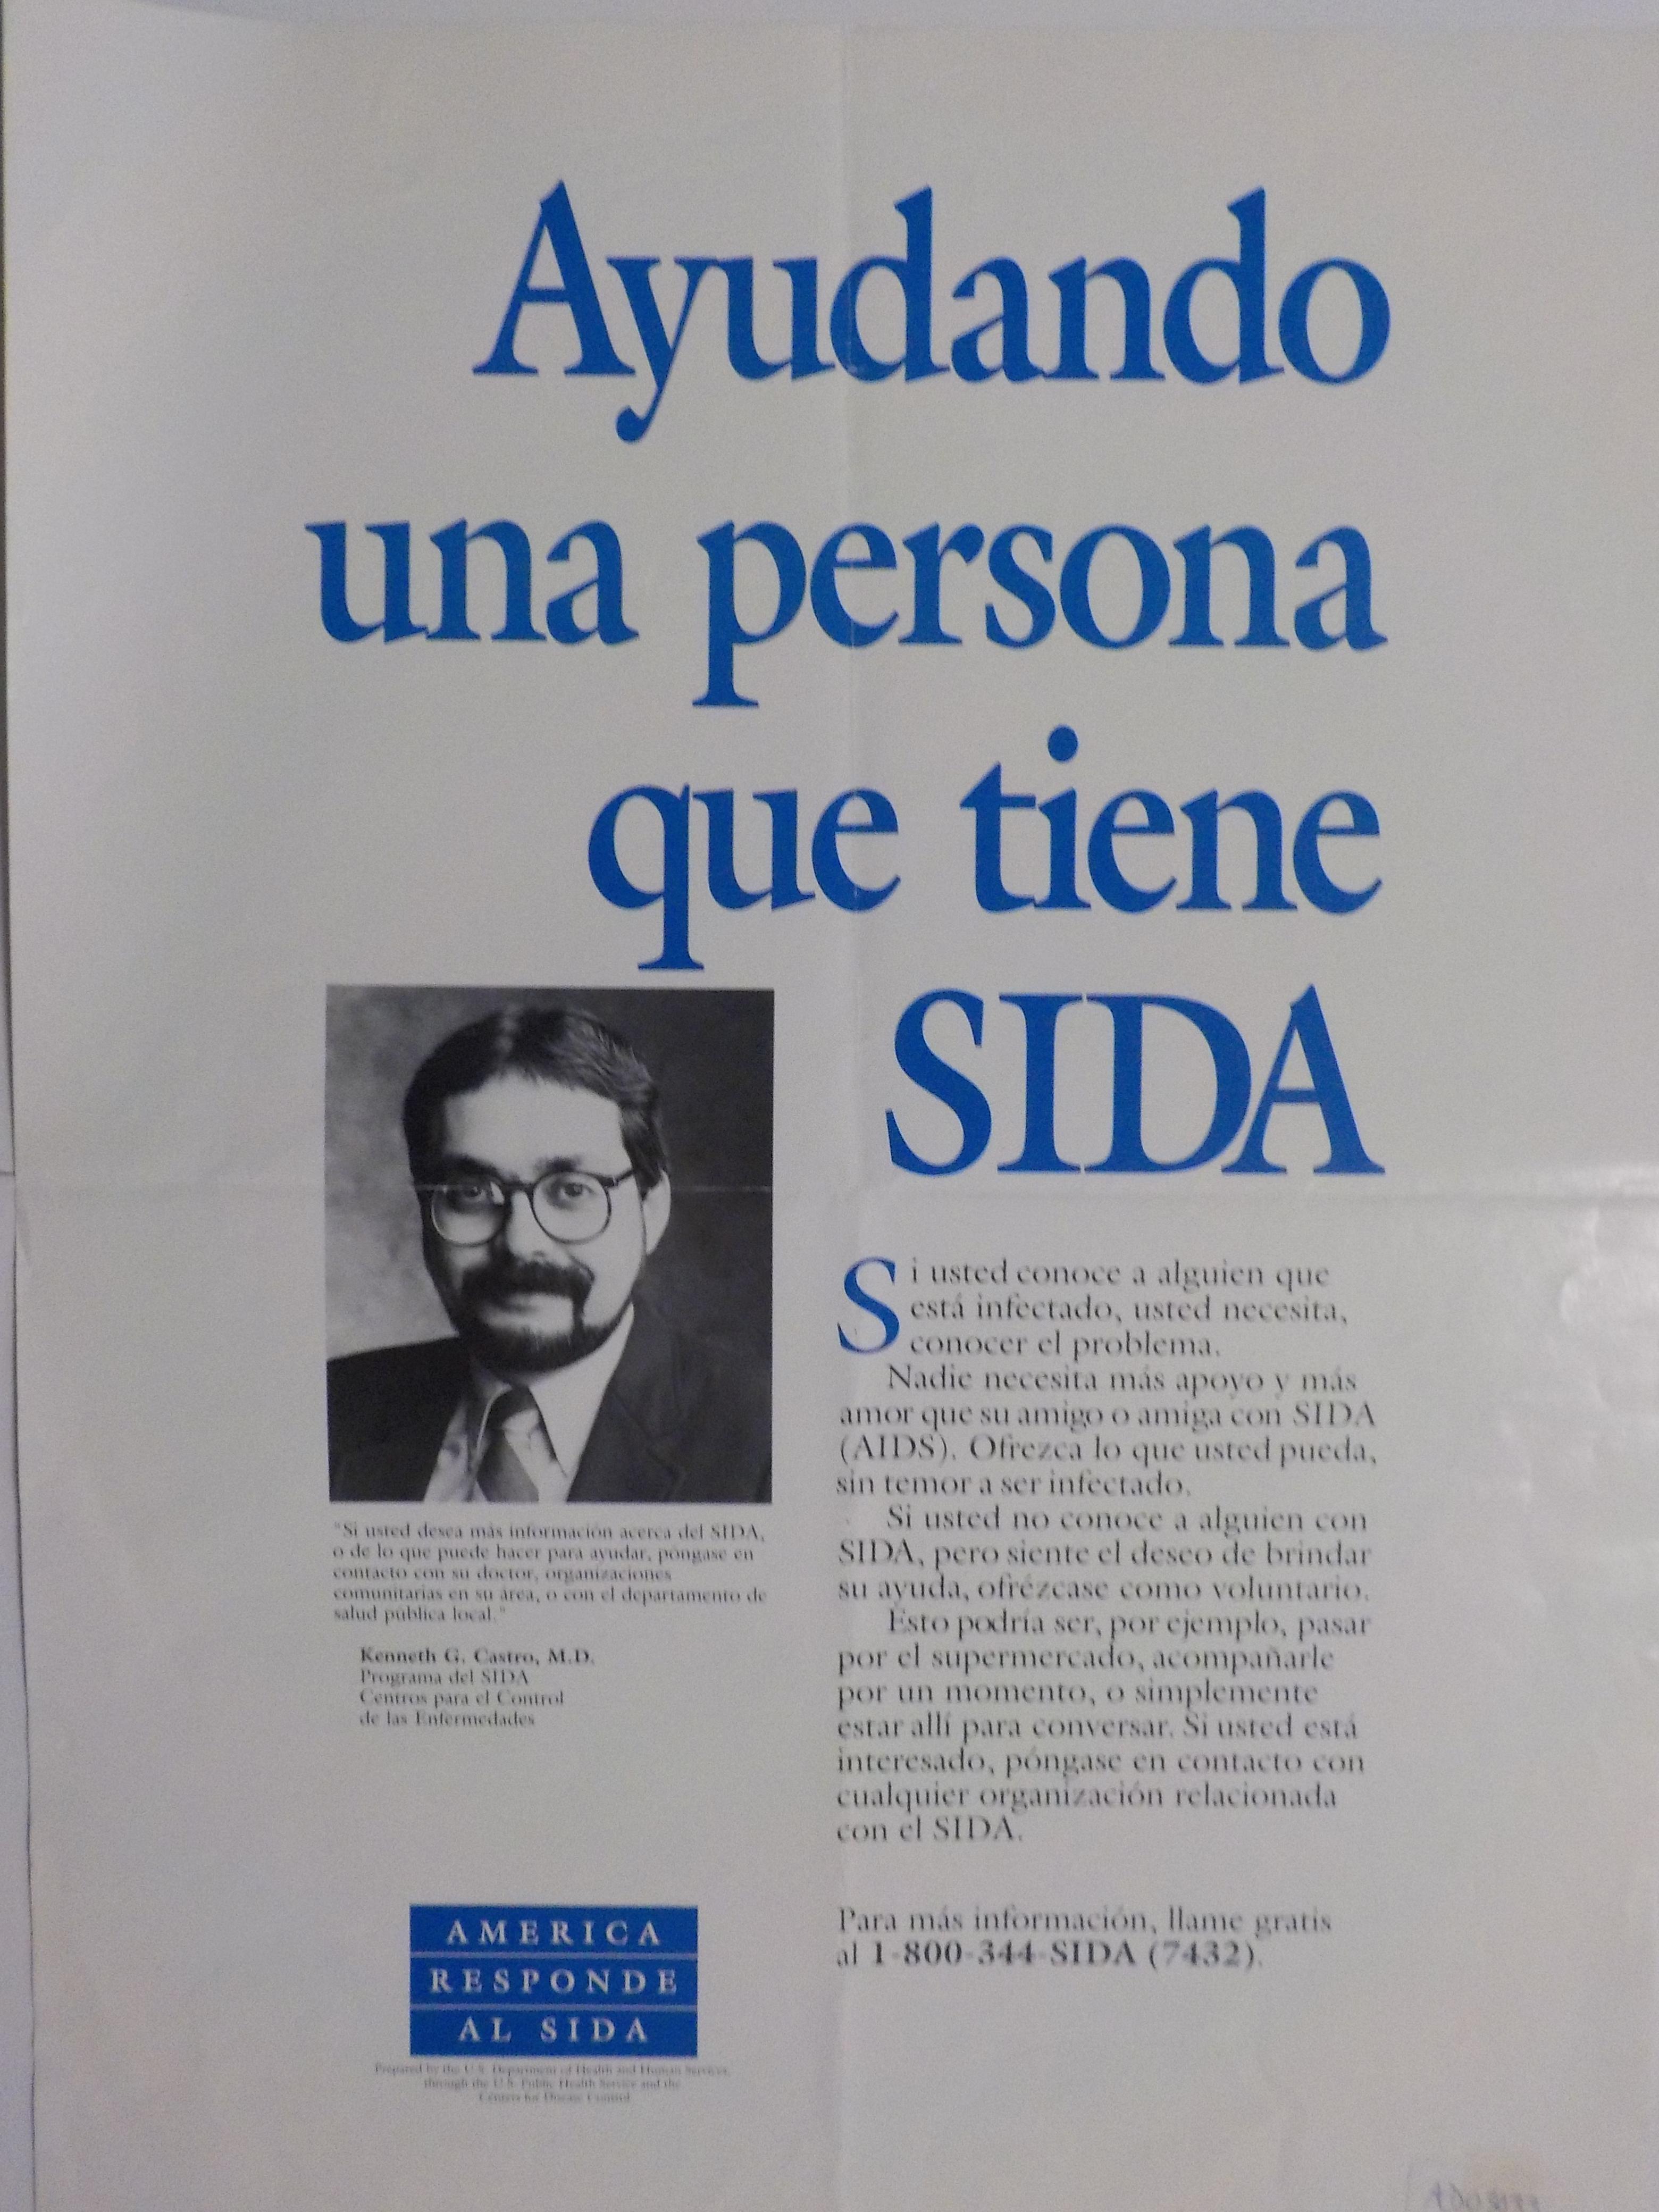 Ayudando una persona que tiene SIDA.